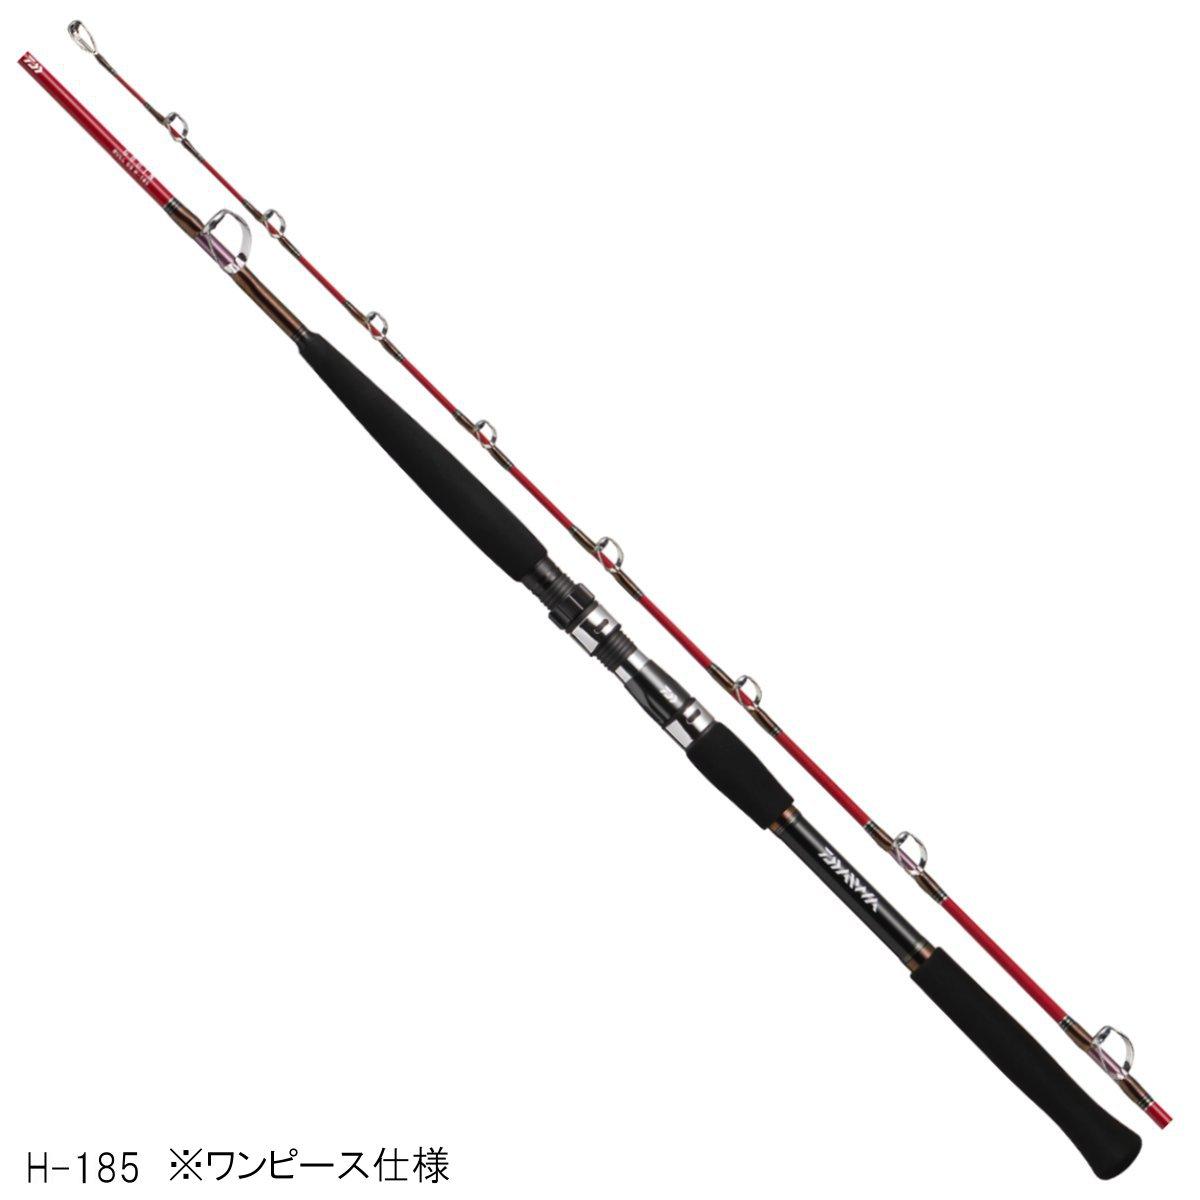 ダイワ ゴウイン ブル GS H-185【大型商品】